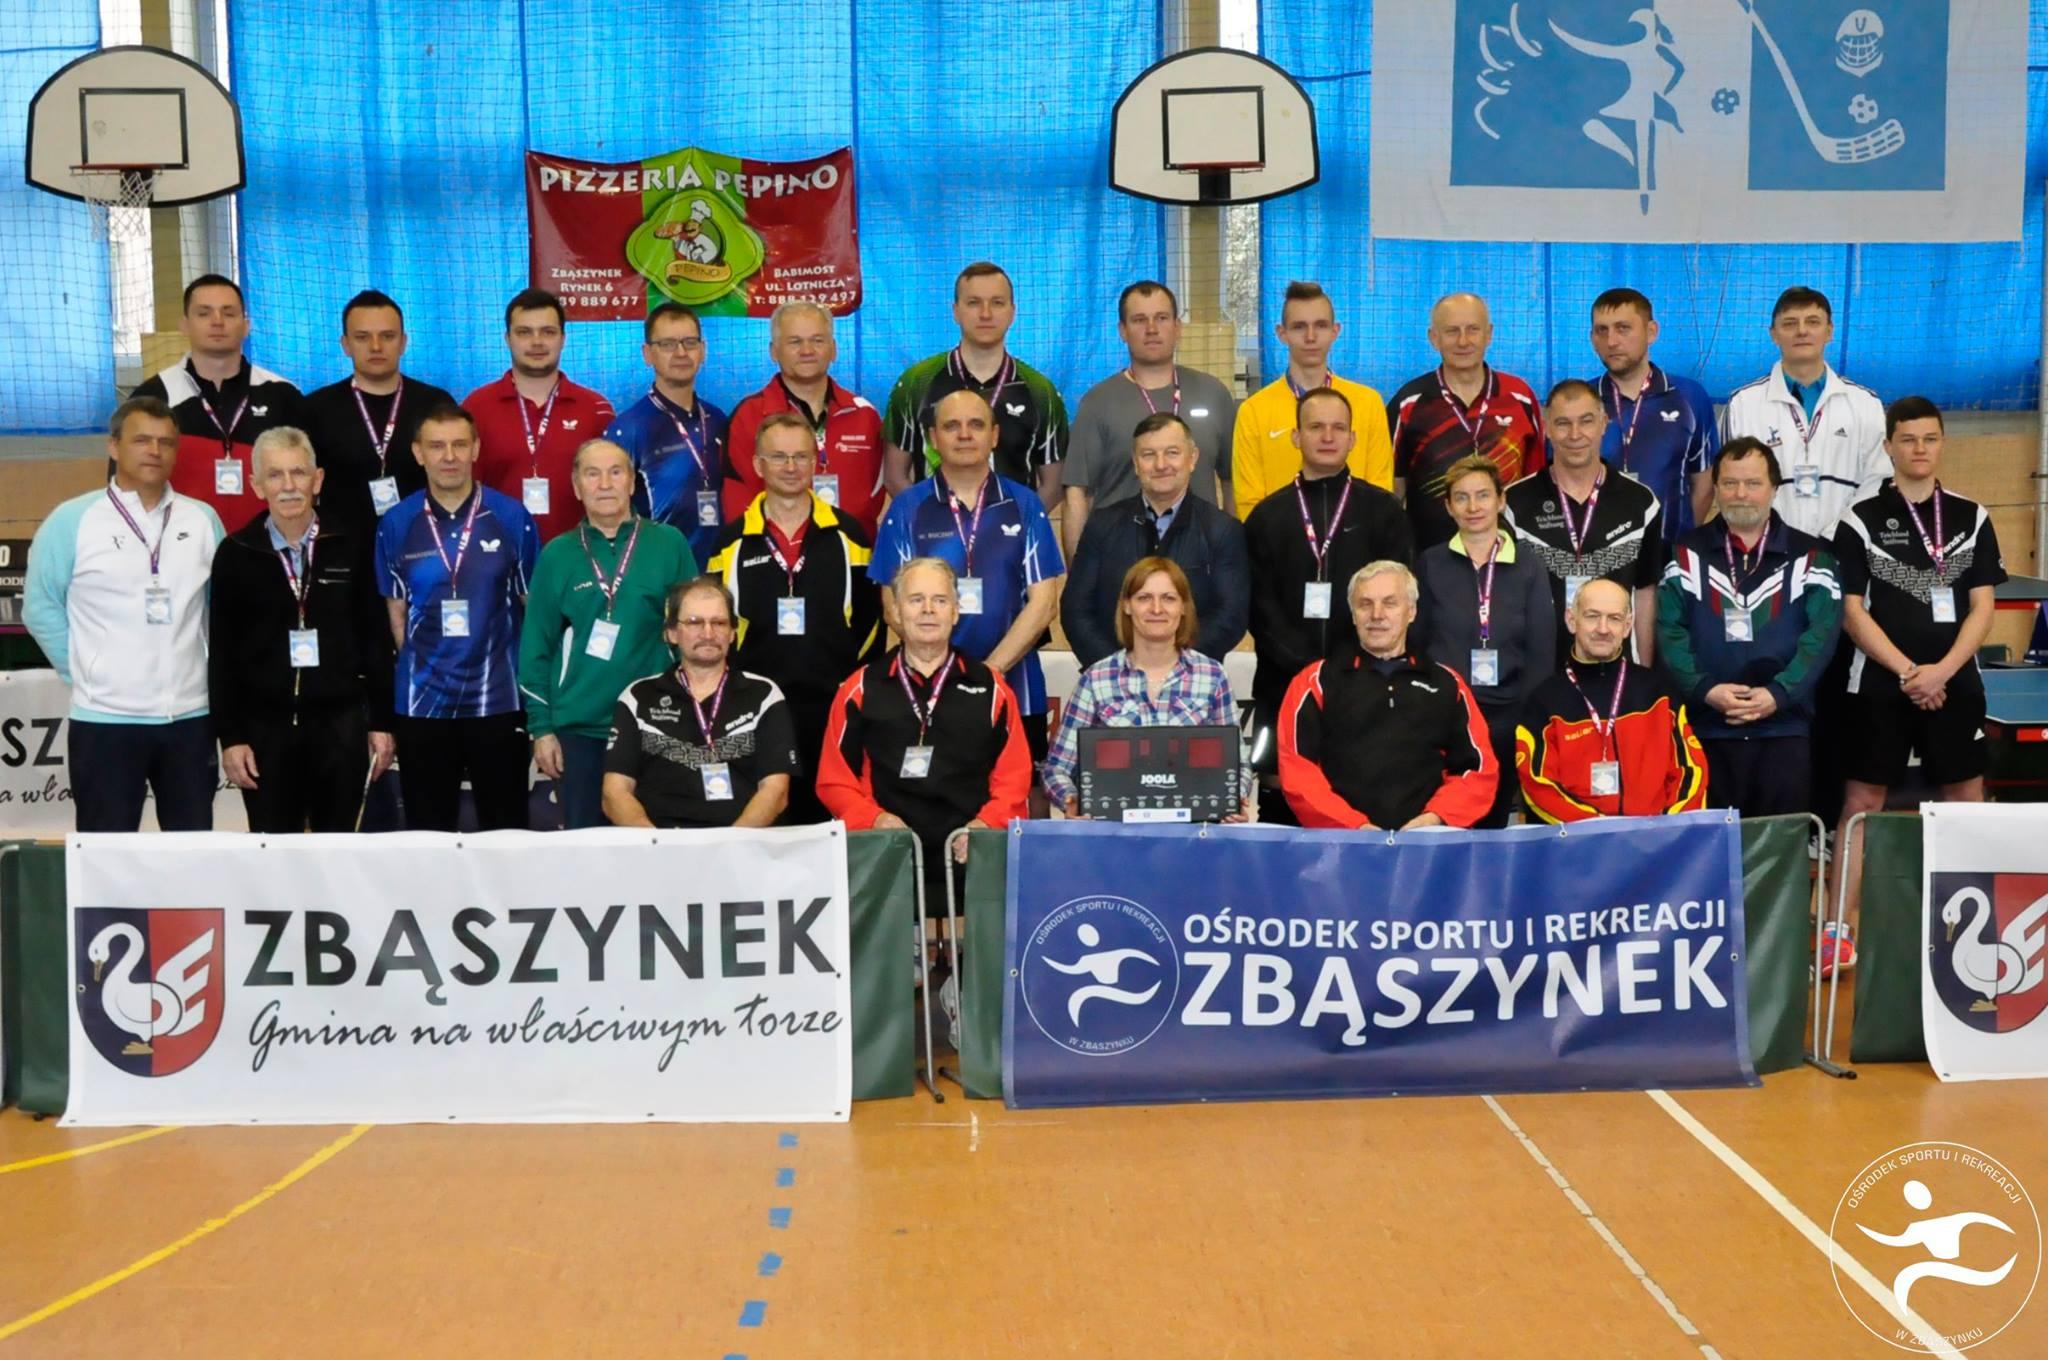 Ilustracja do informacji: Polsko-Niemiecki Turniej Tenisa Stołowego Zbąszynek - Peitz